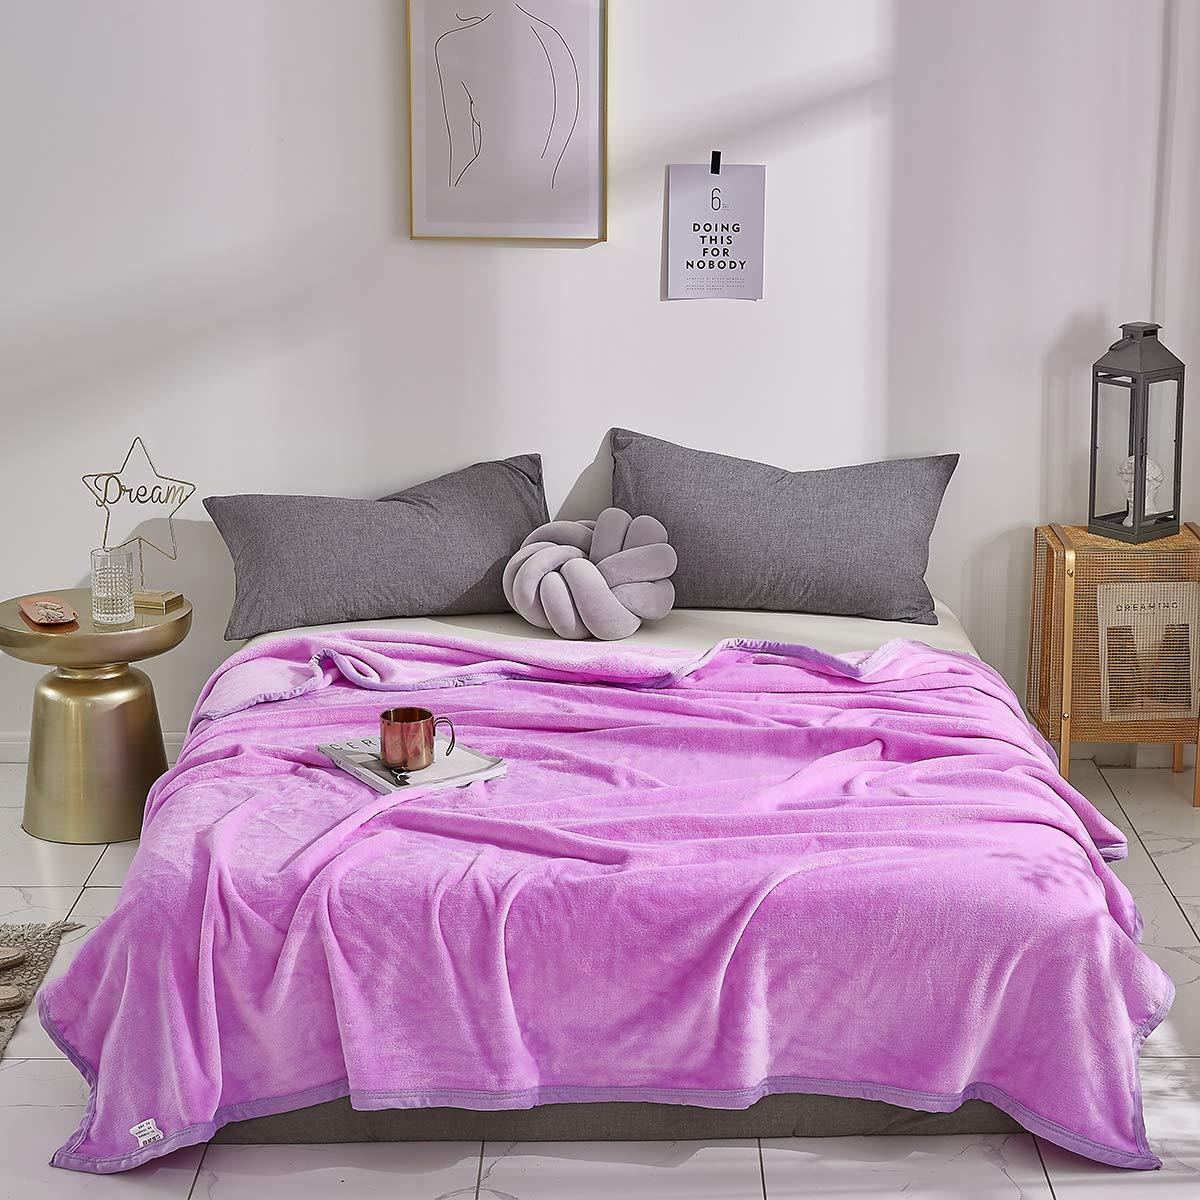 Uozzi Bedding Flannel Fleece Full/Queen Adult Blanket, Super Soft Warm Cozy Men Women Warm Spring Blanket Luxury Microfiber Bed Blanket for Bedroom, TV, Sofa, Travel (Purple, 80x90)